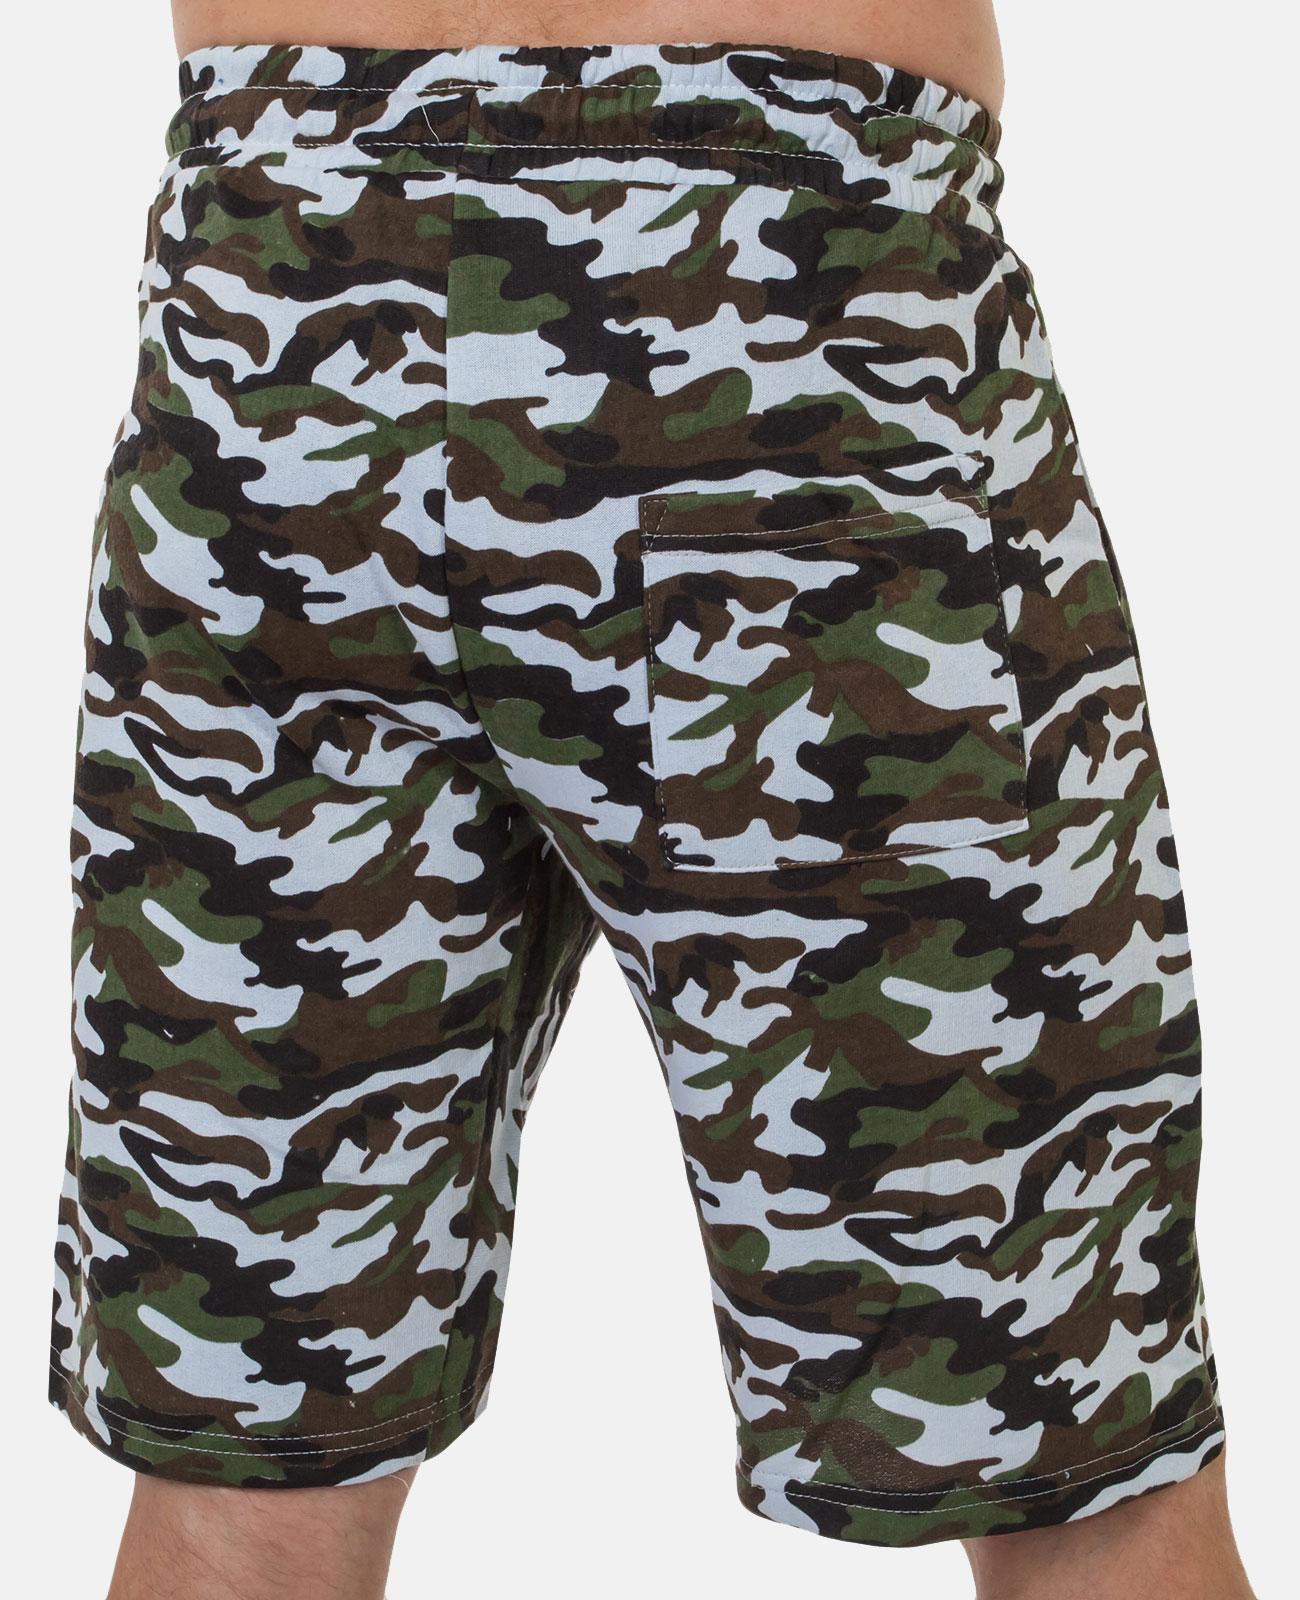 Надежные милитари шорты с нашивкой Погранвойска - купить онлайн